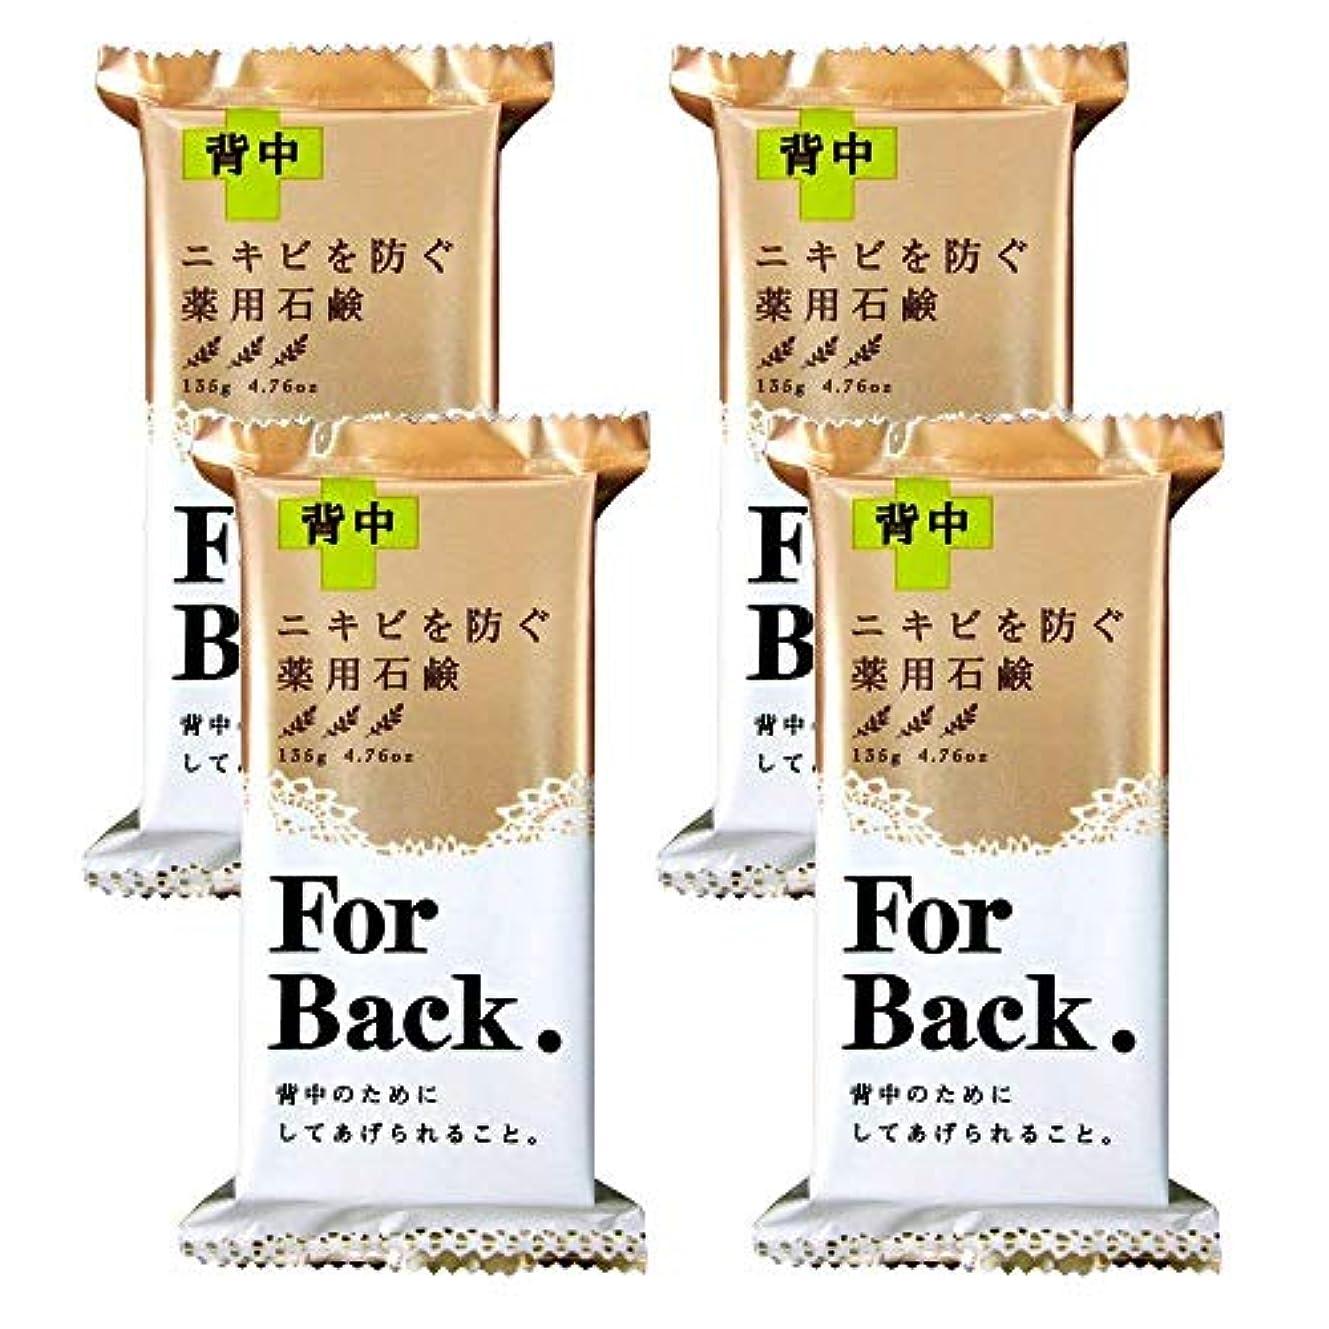 ミンチプログレッシブライバル薬用石鹸 ForBack 135g×4個セット